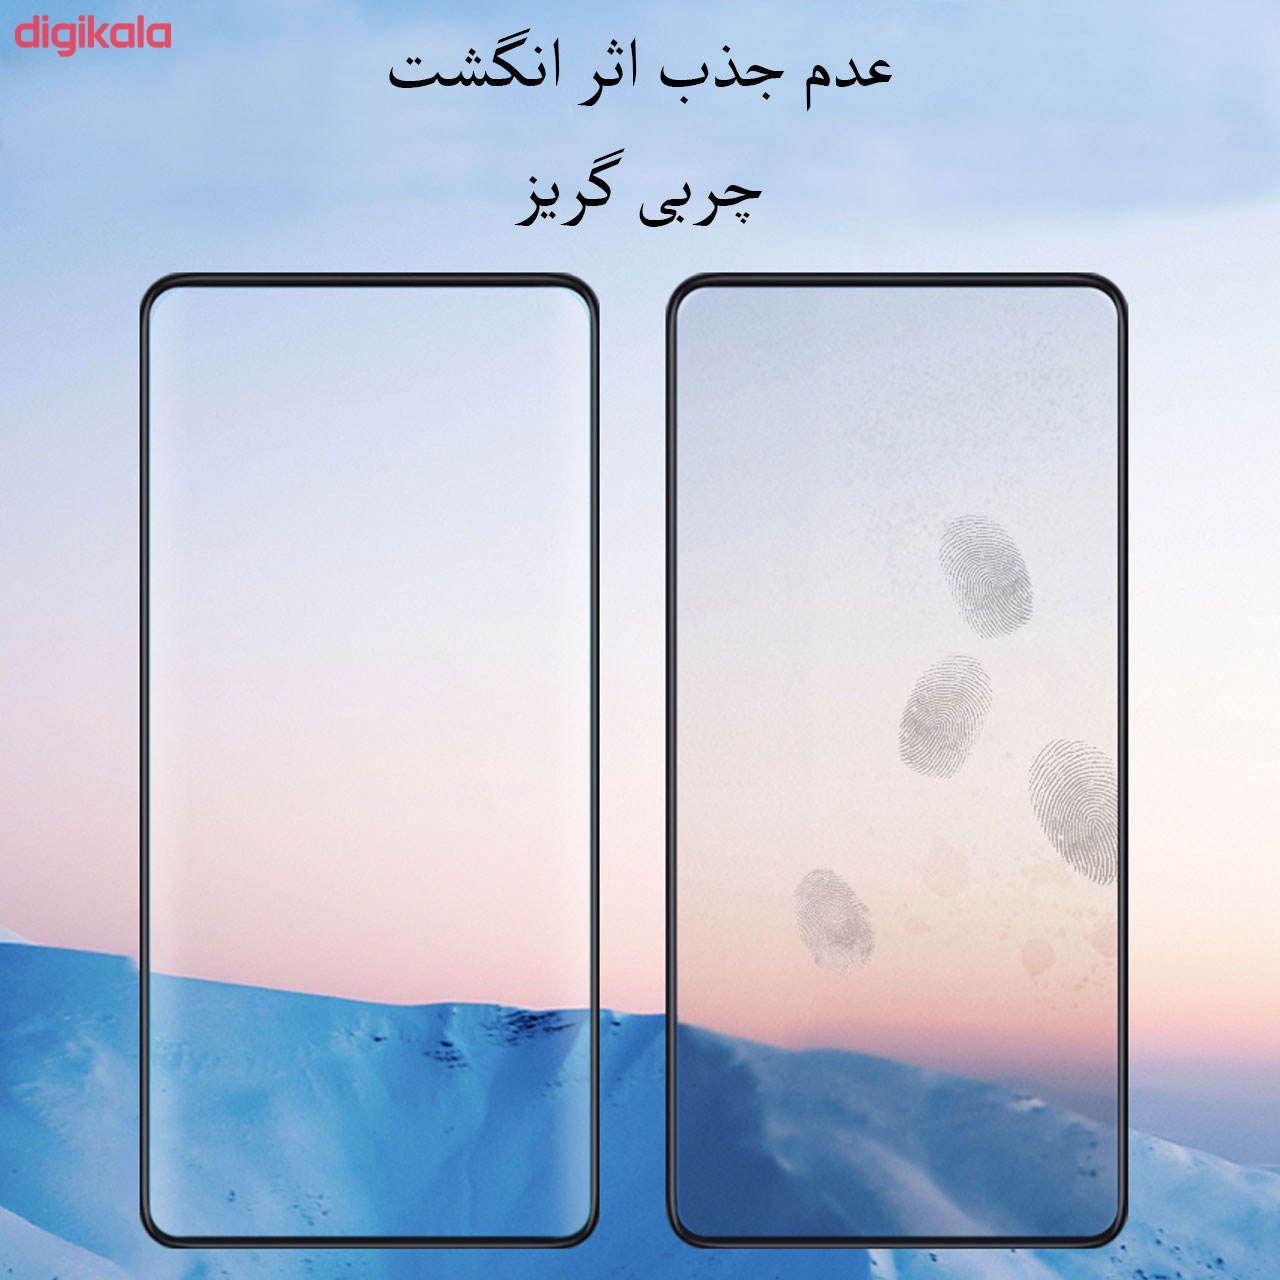 محافظ صفحه نمایش برنارد مدل SDB-01 مناسب برای گوشی موبایل سامسونگ Galaxy J2 2015 main 1 12